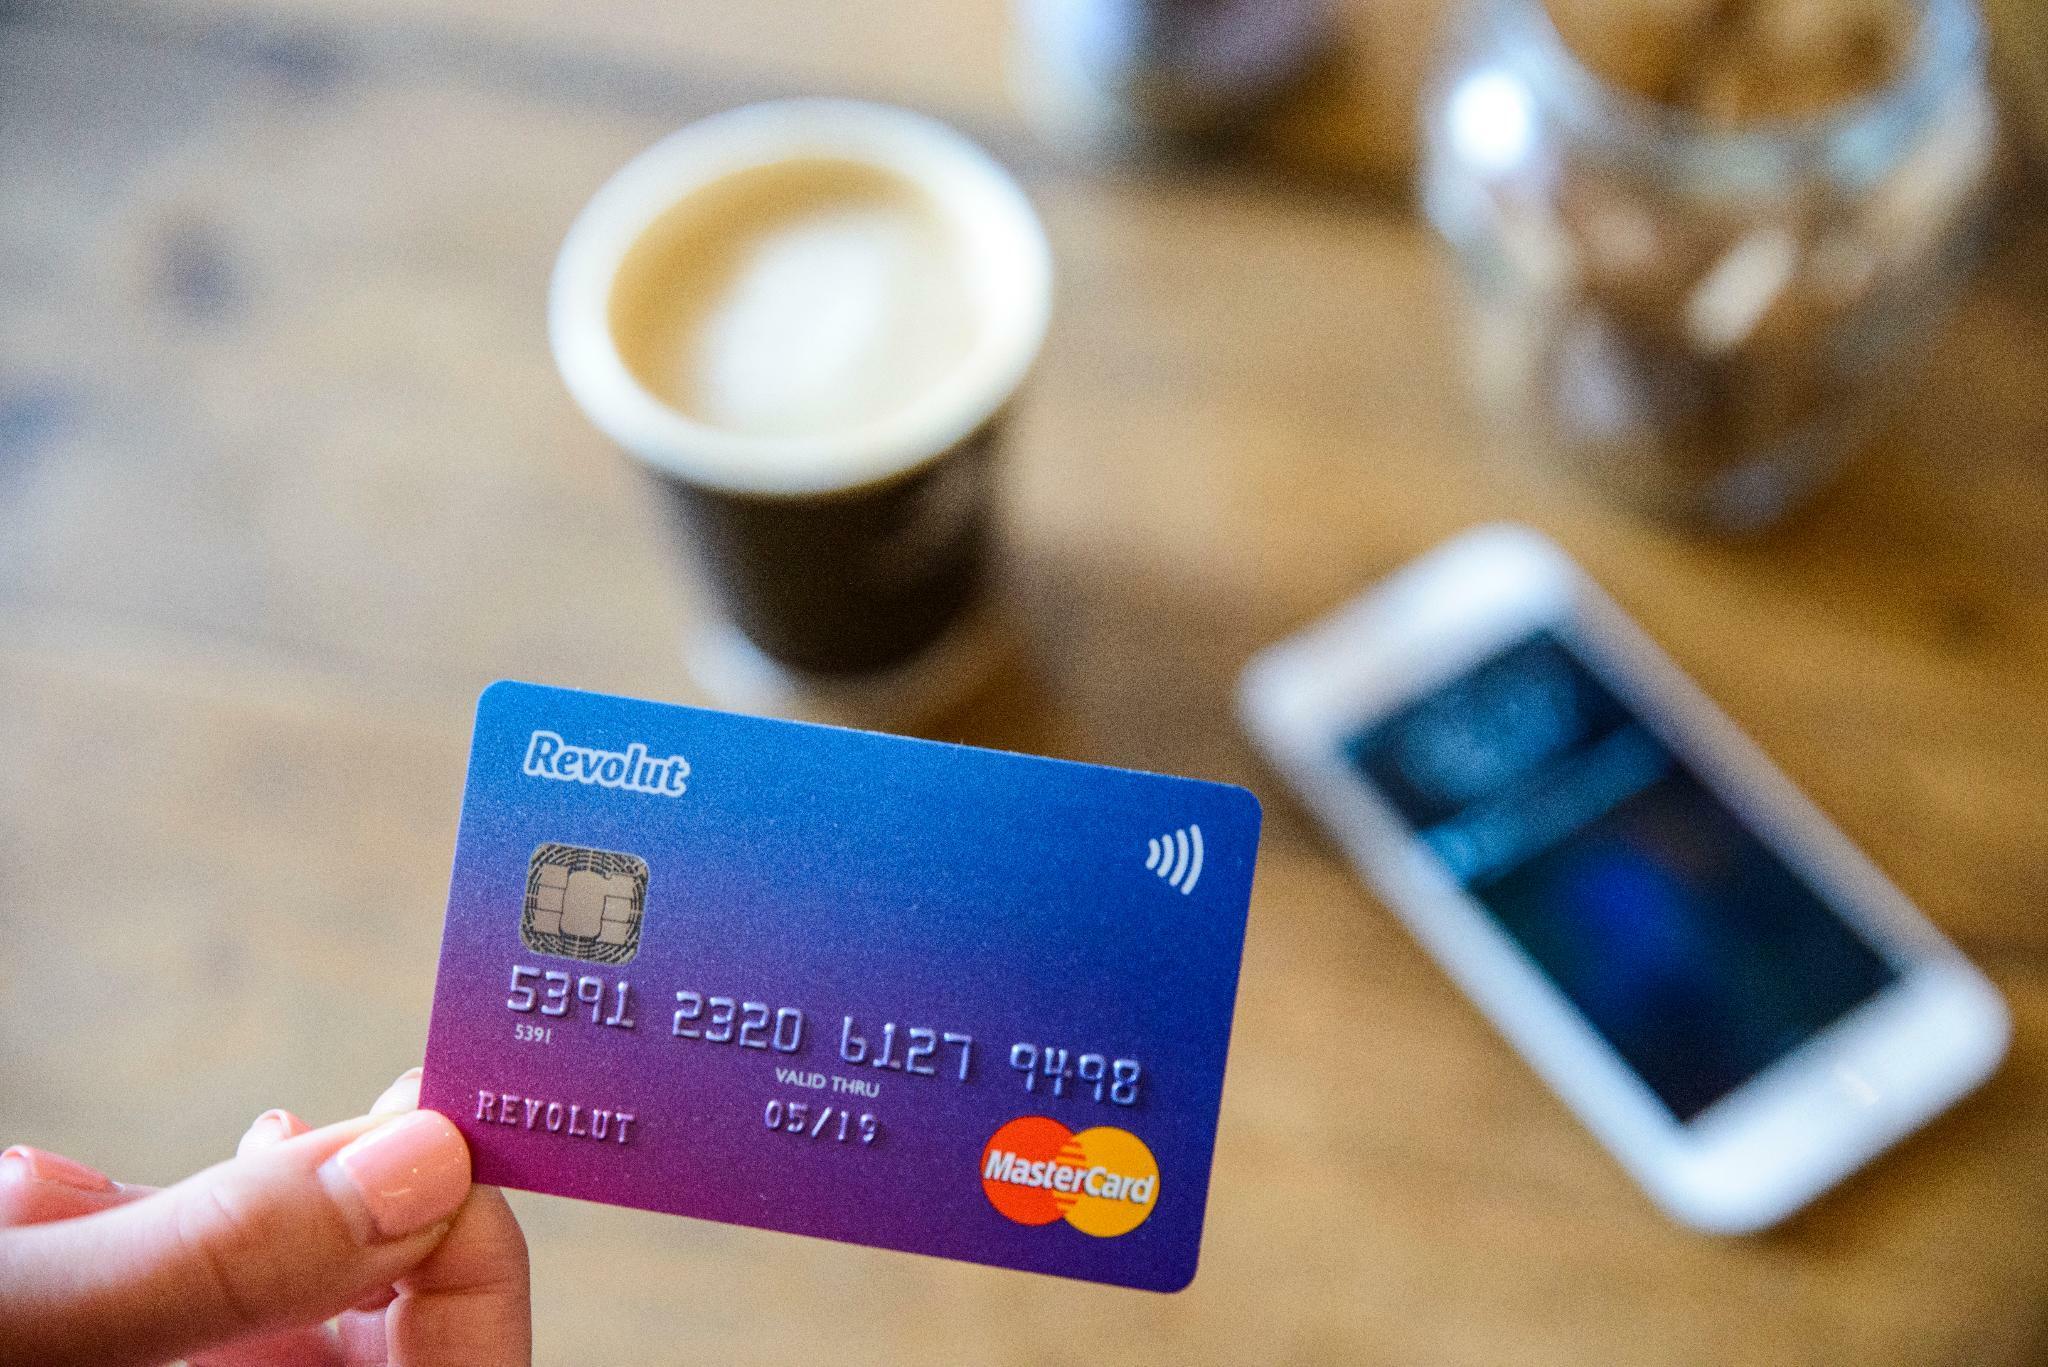 Fintech Revolut sichert sich Banklizenz – und will zum Amazon für Banking werden